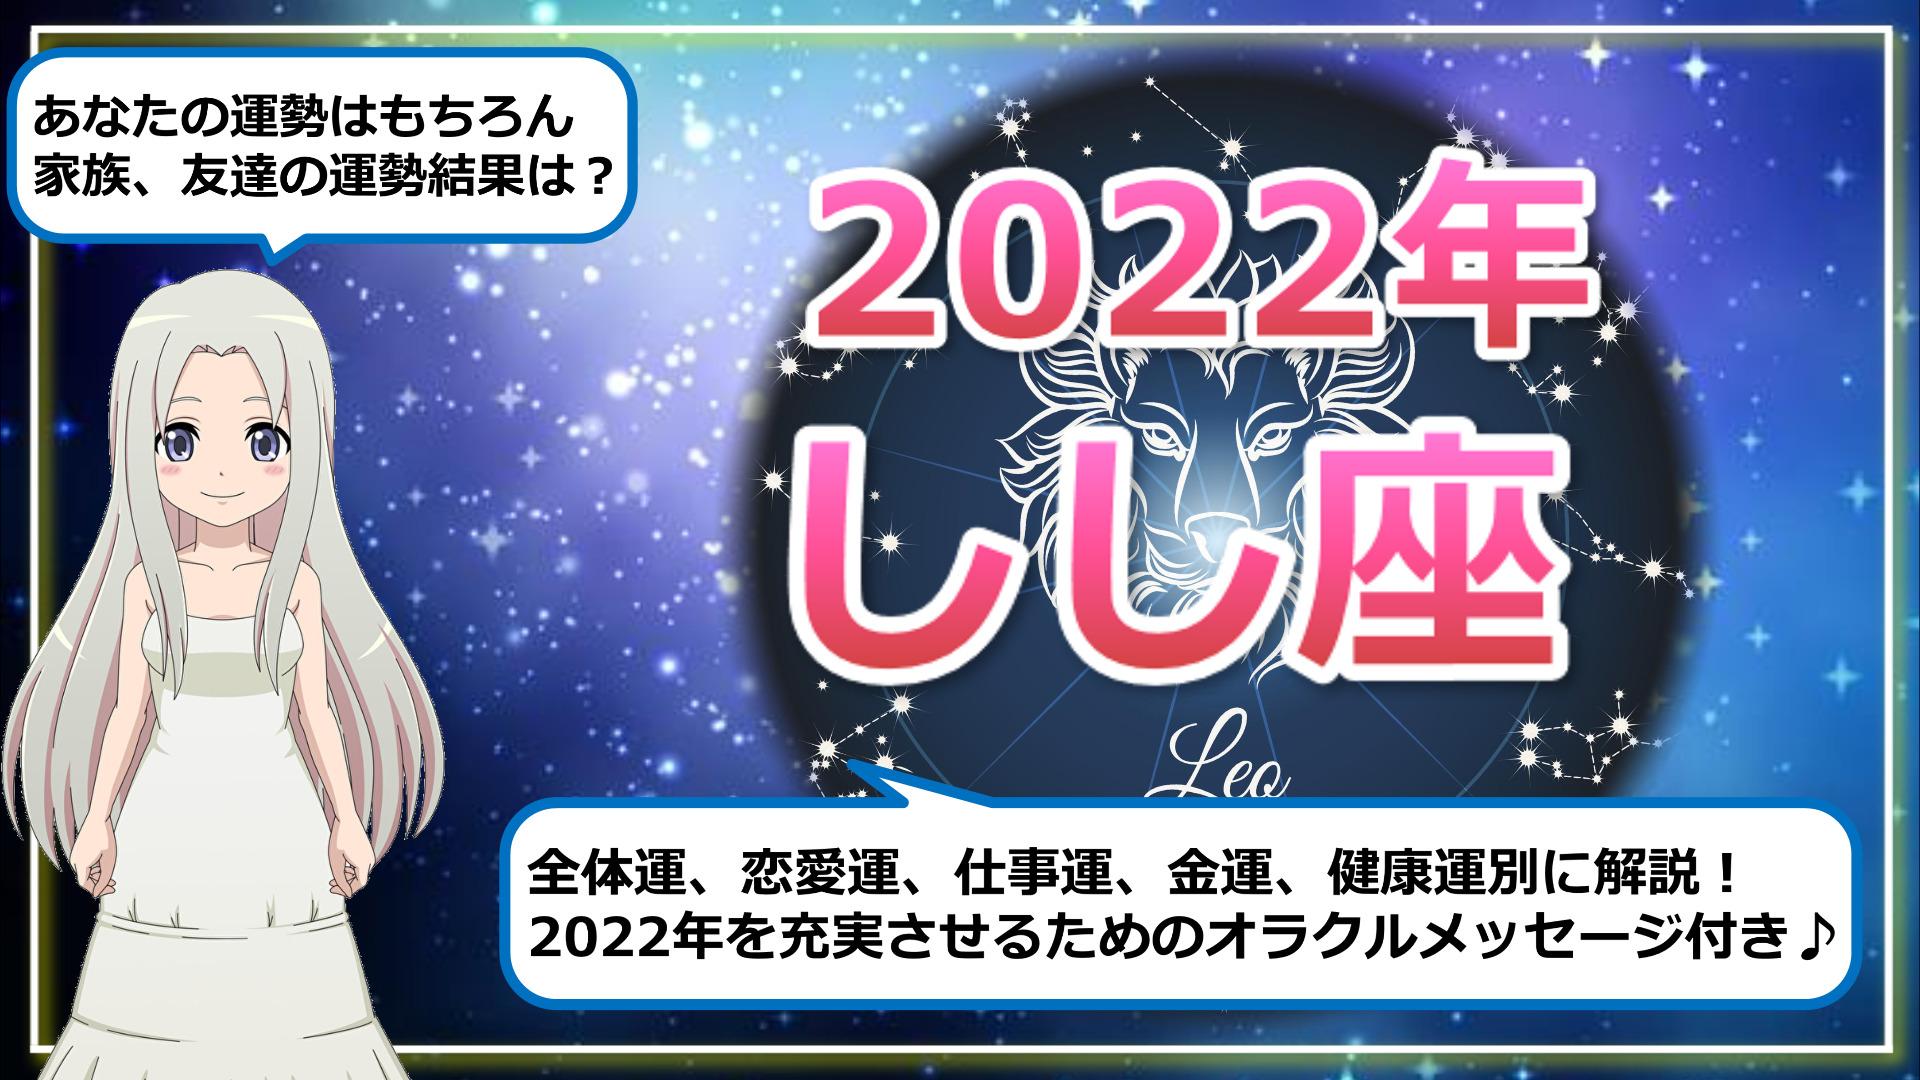 【2022年のしし座の運勢】方向性がクリアになる1年のアイキャッチ画像